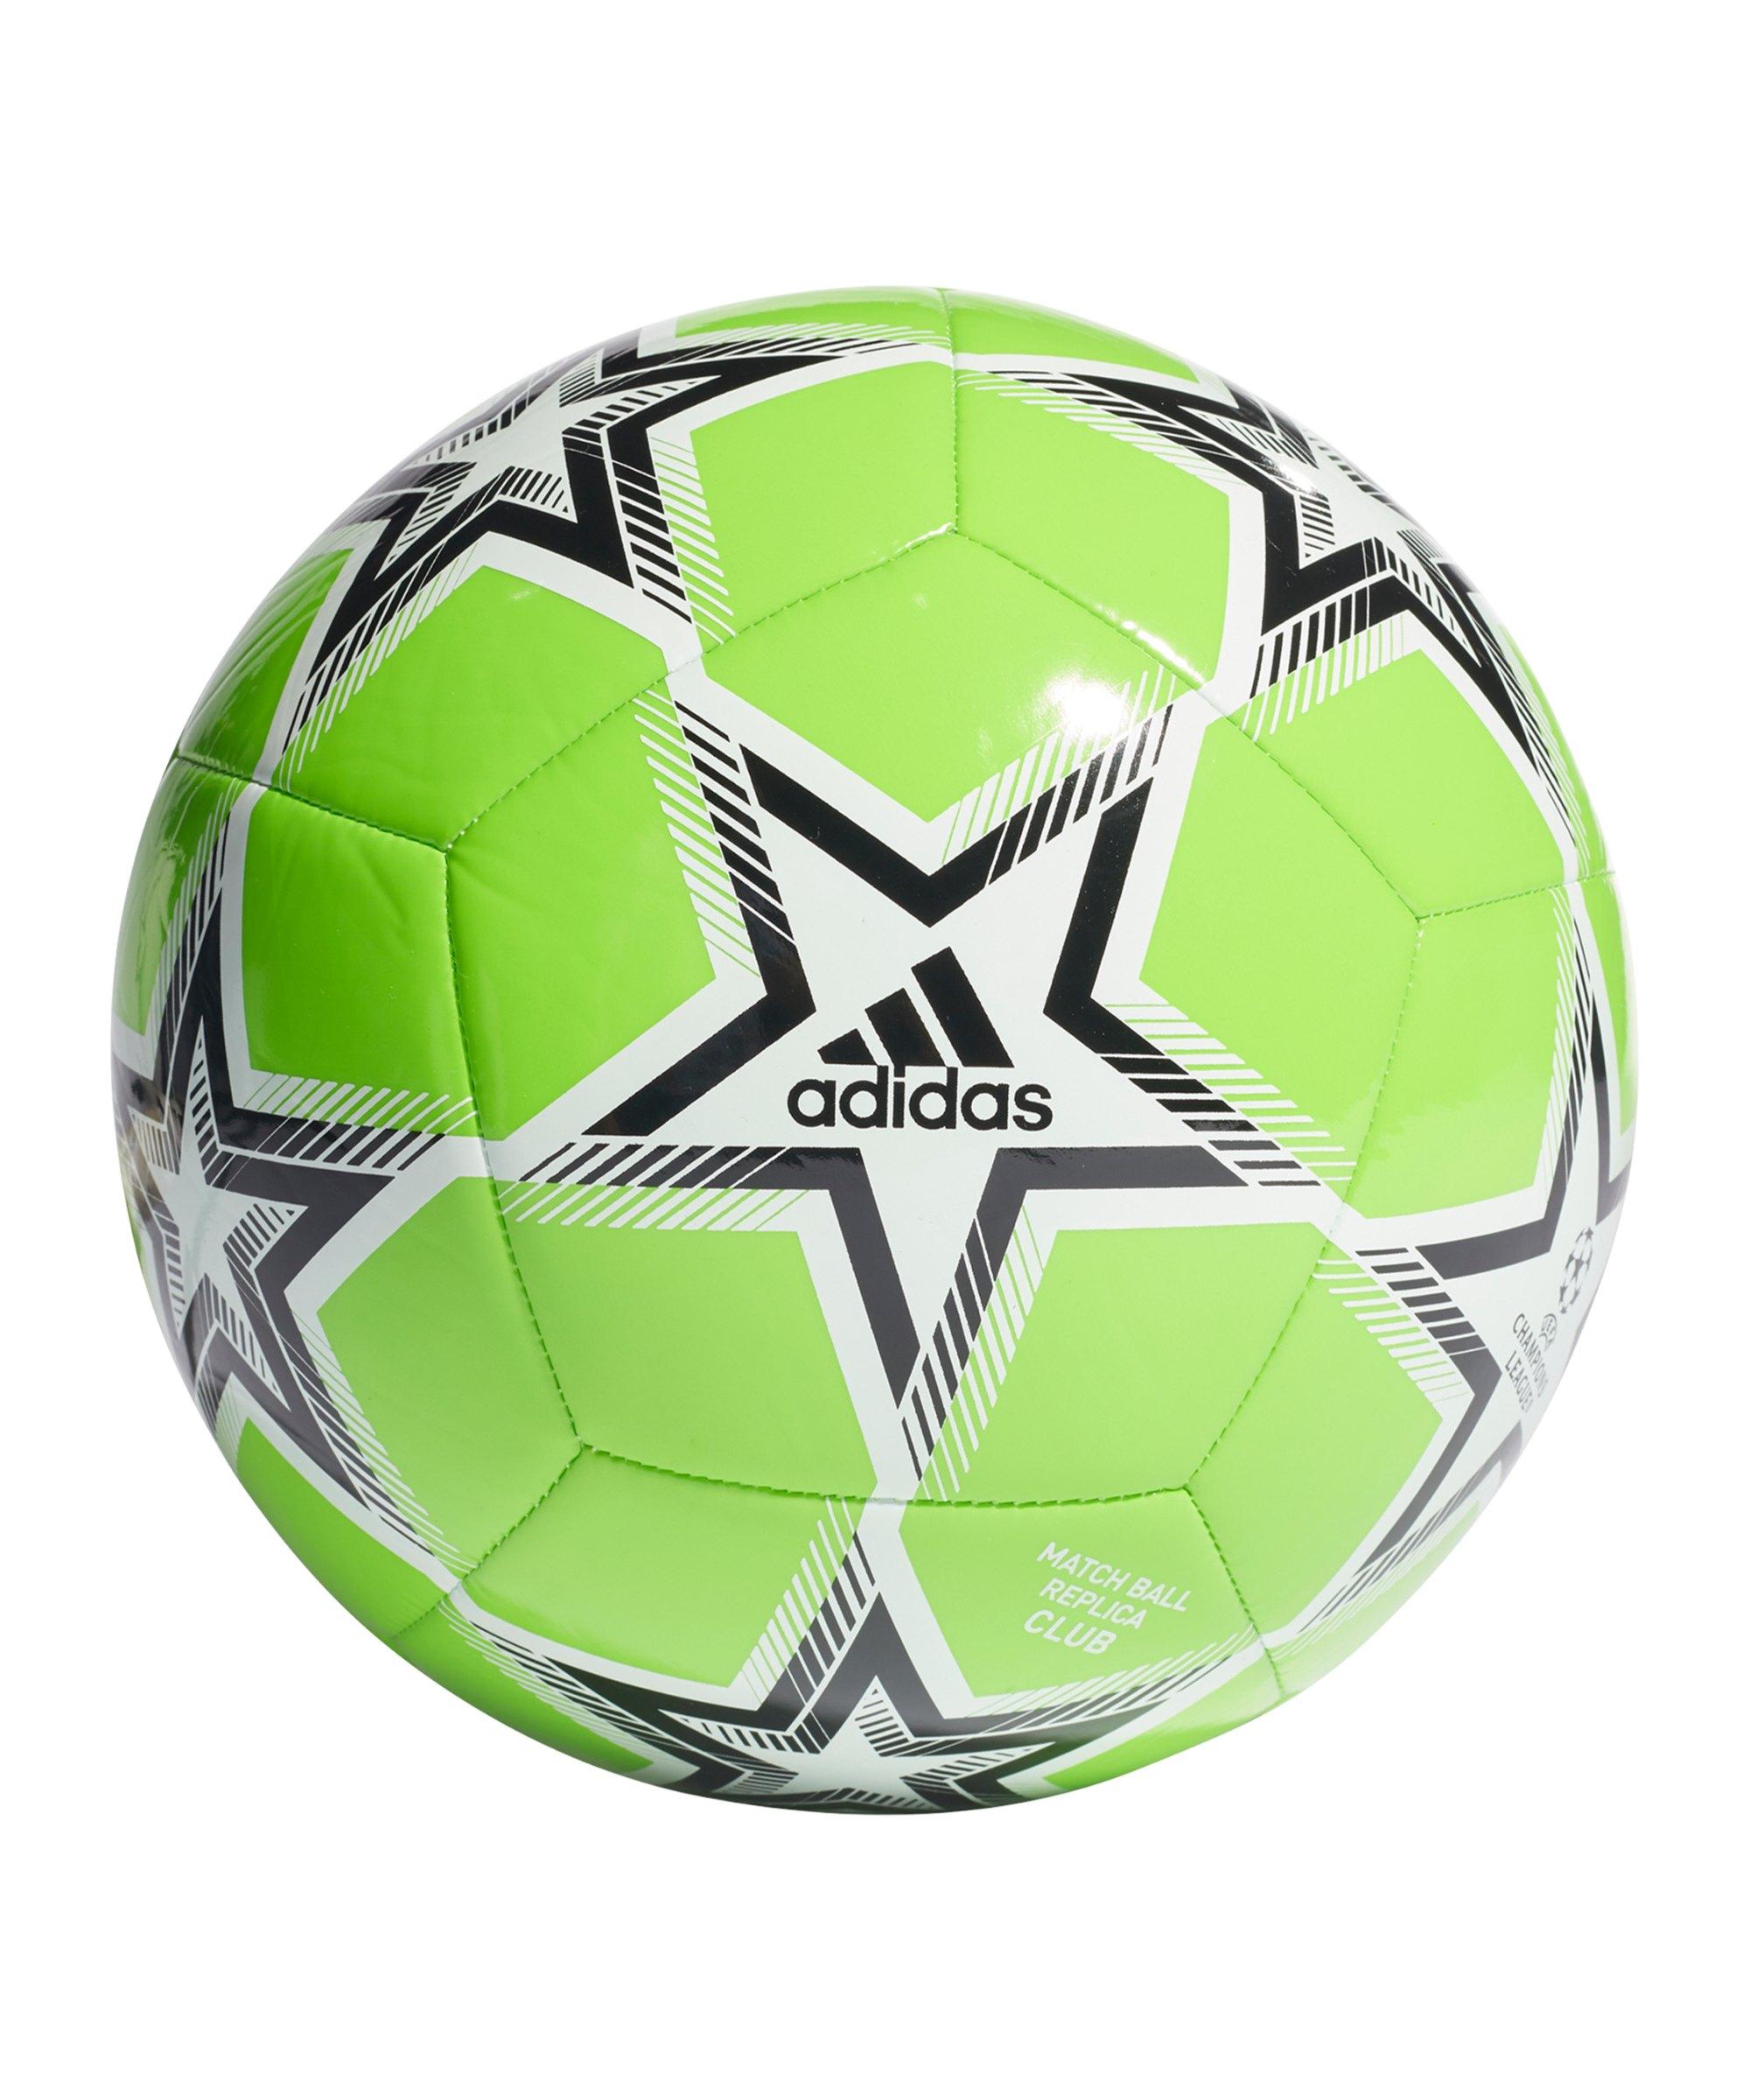 adidas UCL Finale 21 CLB Spielball Grün - gruen